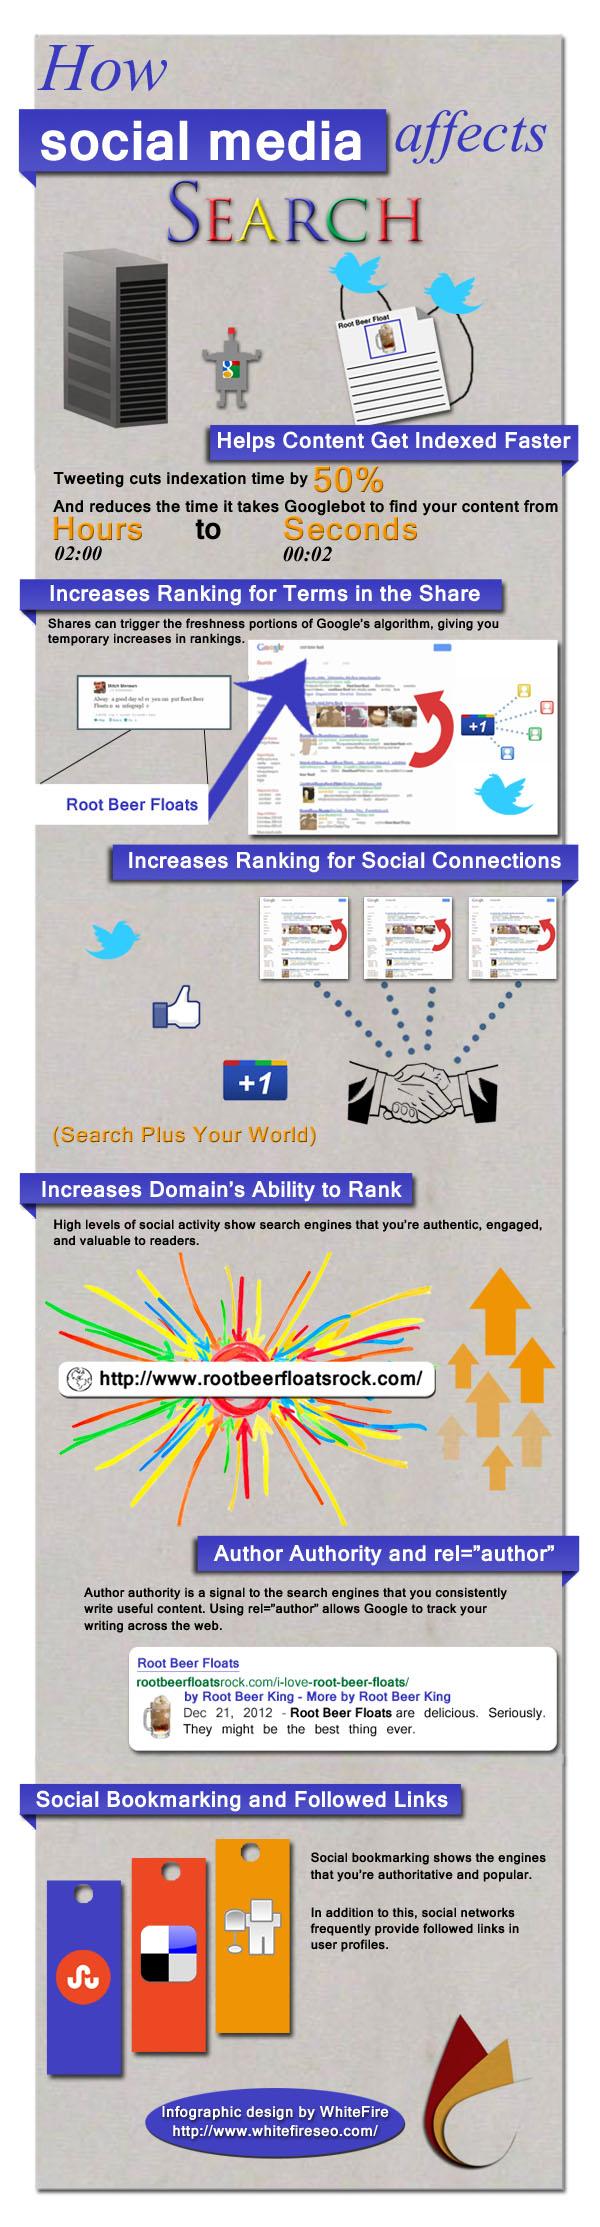 Invloed van social media op SEO